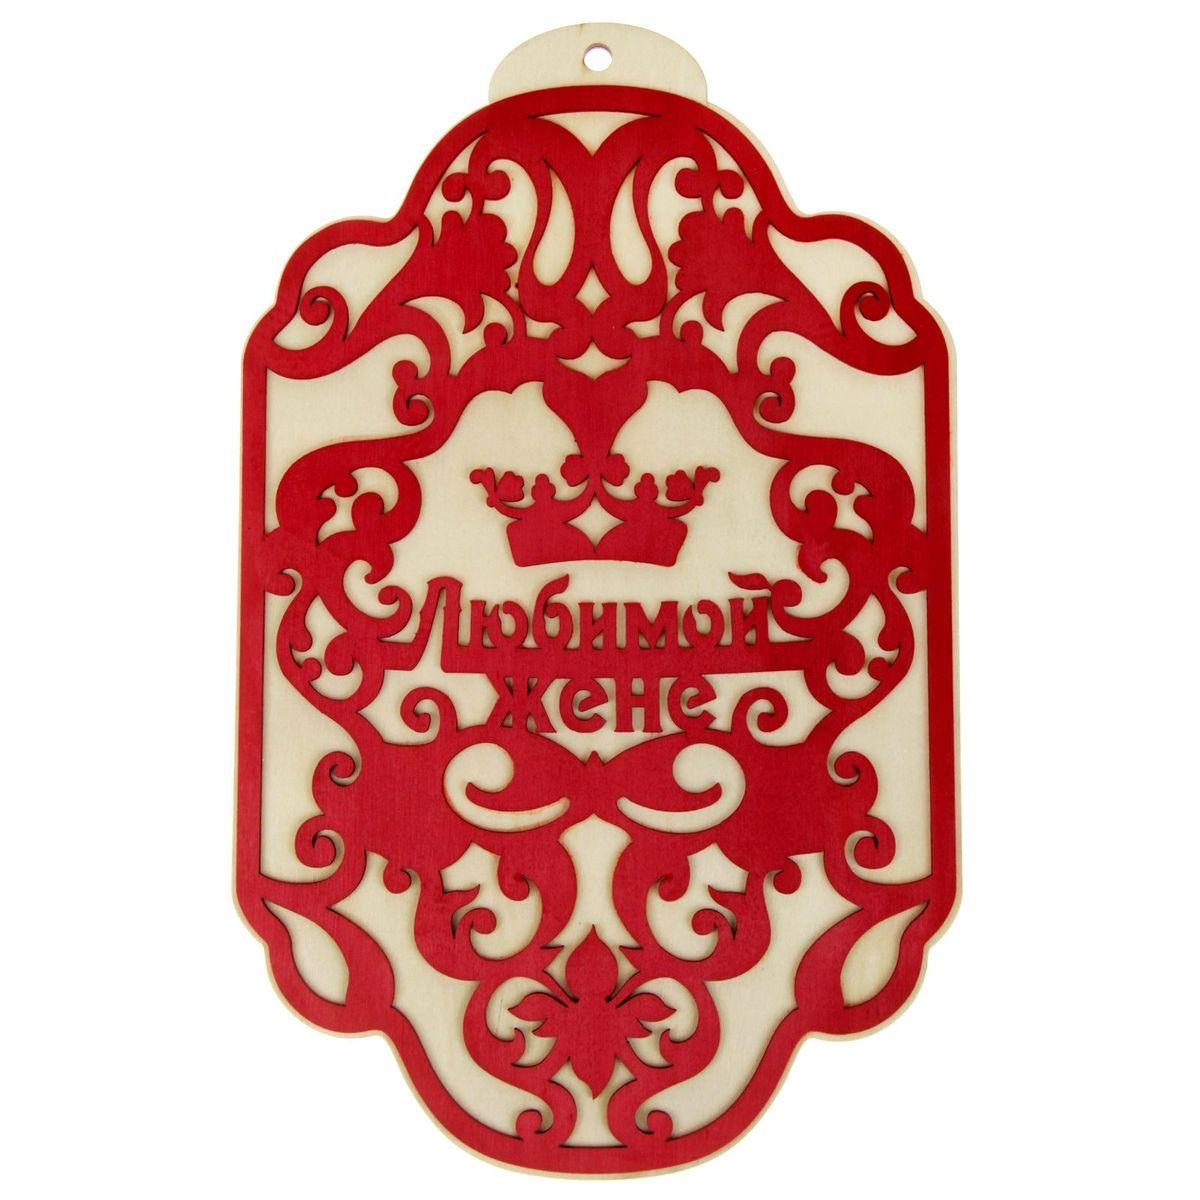 Доска разделочная Sima-land Любимой жене, 20 х 32 см863360Разделочная доска Sima-land Любимой жене - это один из самых необходимых предметов на кухне, без нее трудно обойтись при приготовлении пищи. Но кроме своей необходимости, она может приносить и эстетическое удовольствие, украшая собой интерьер кухни. Двухслойная доска из дерева - приятный и функциональный подарок для тех, кто любит готовить.